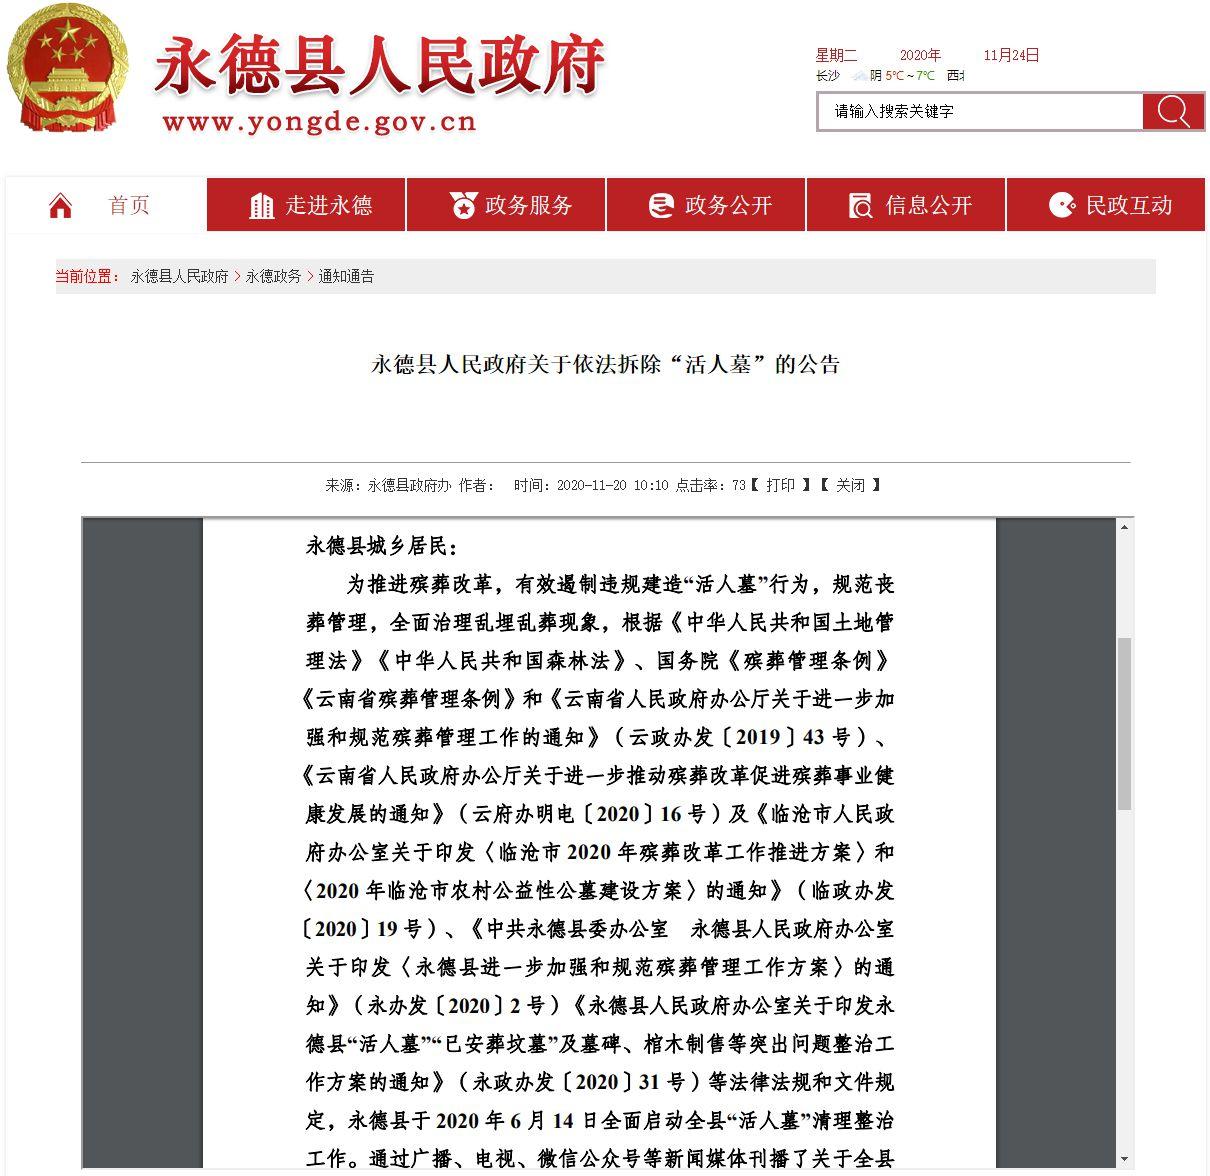 """云南永德县公告:12月1日起将依法强制拆除""""活人墓"""""""